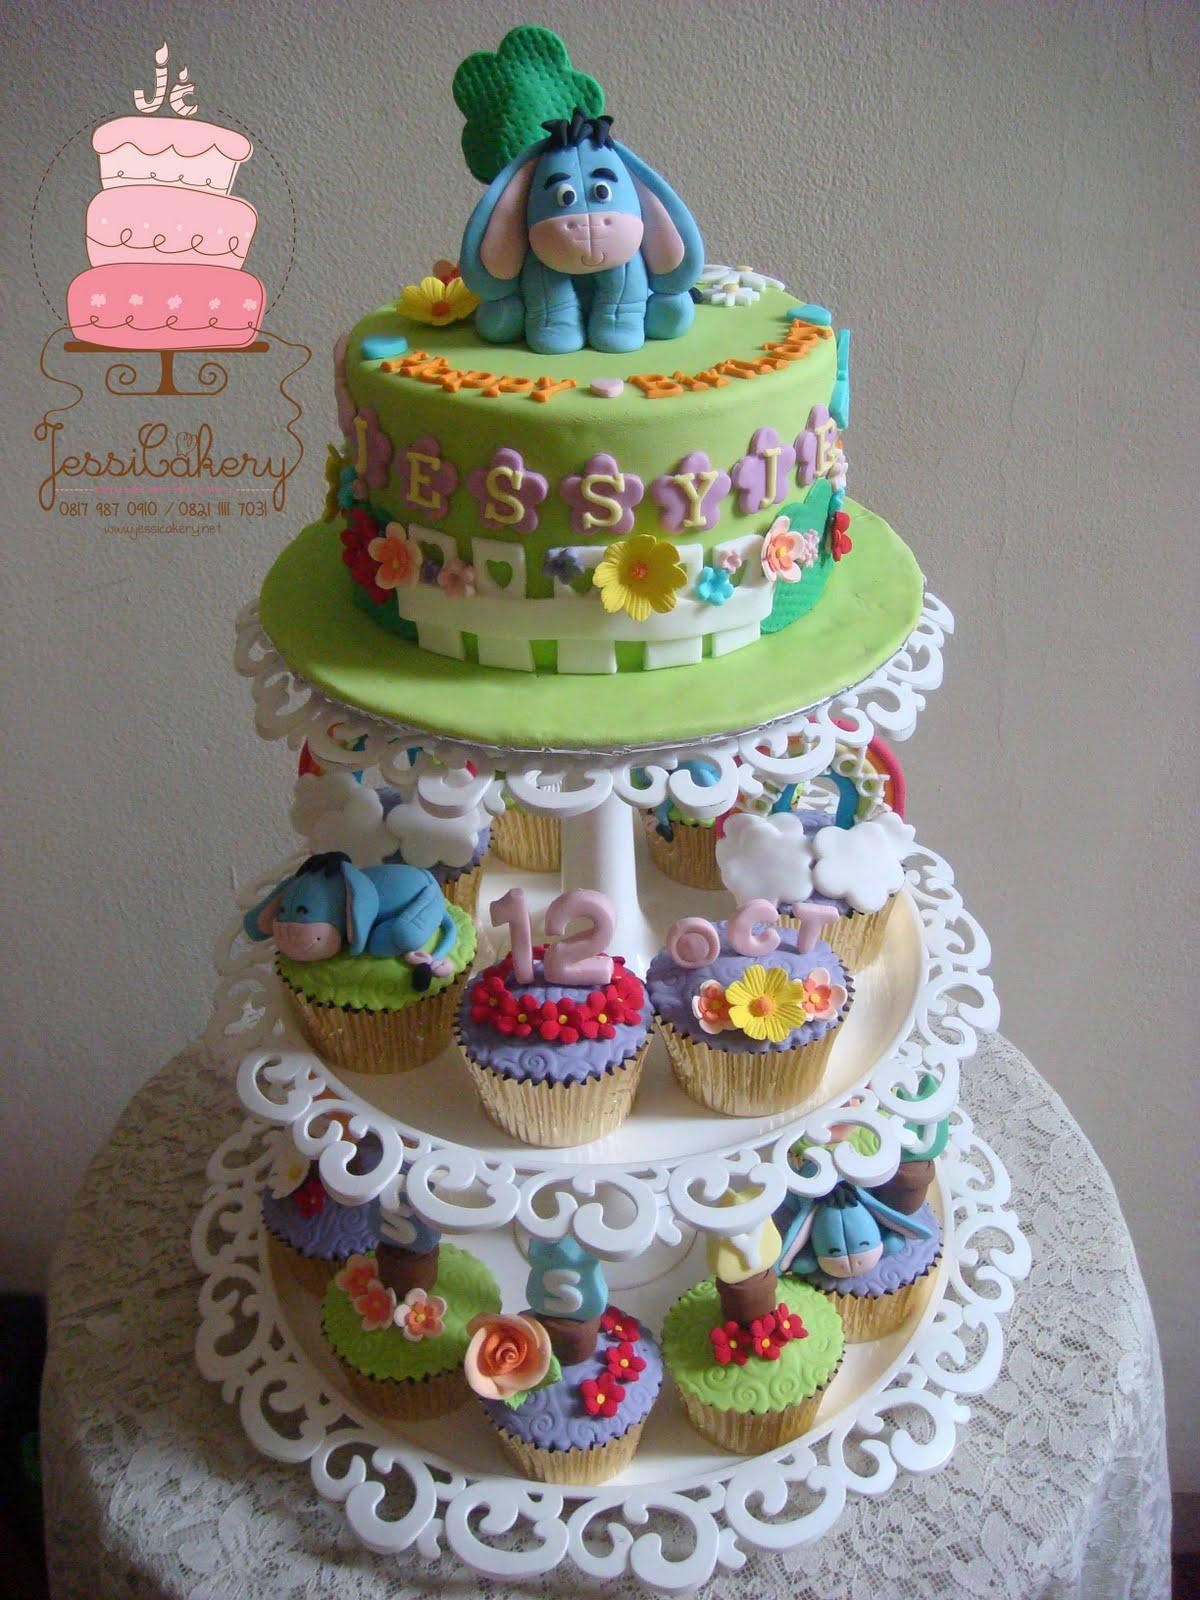 Jessicakery Eeyore Cakes